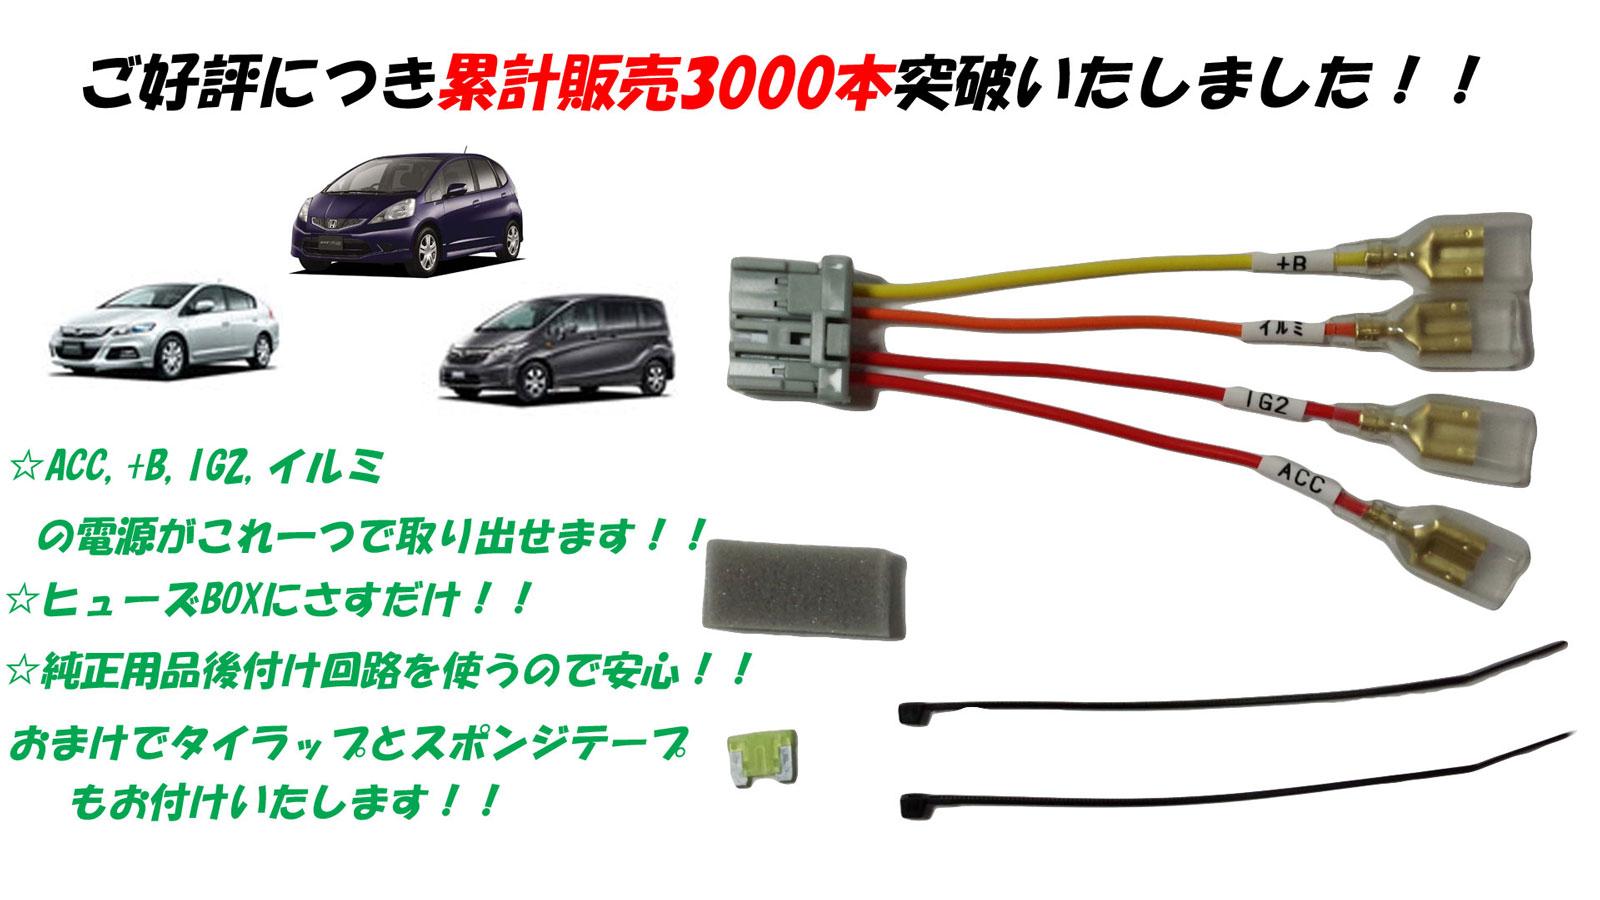 「限定クーポン配布中」 ホンダピカイチ フィット(GE6−9) オプションカプラー 電源取り ハーネス ドラレコ 電源取りに ドライブレコーダー 日本製